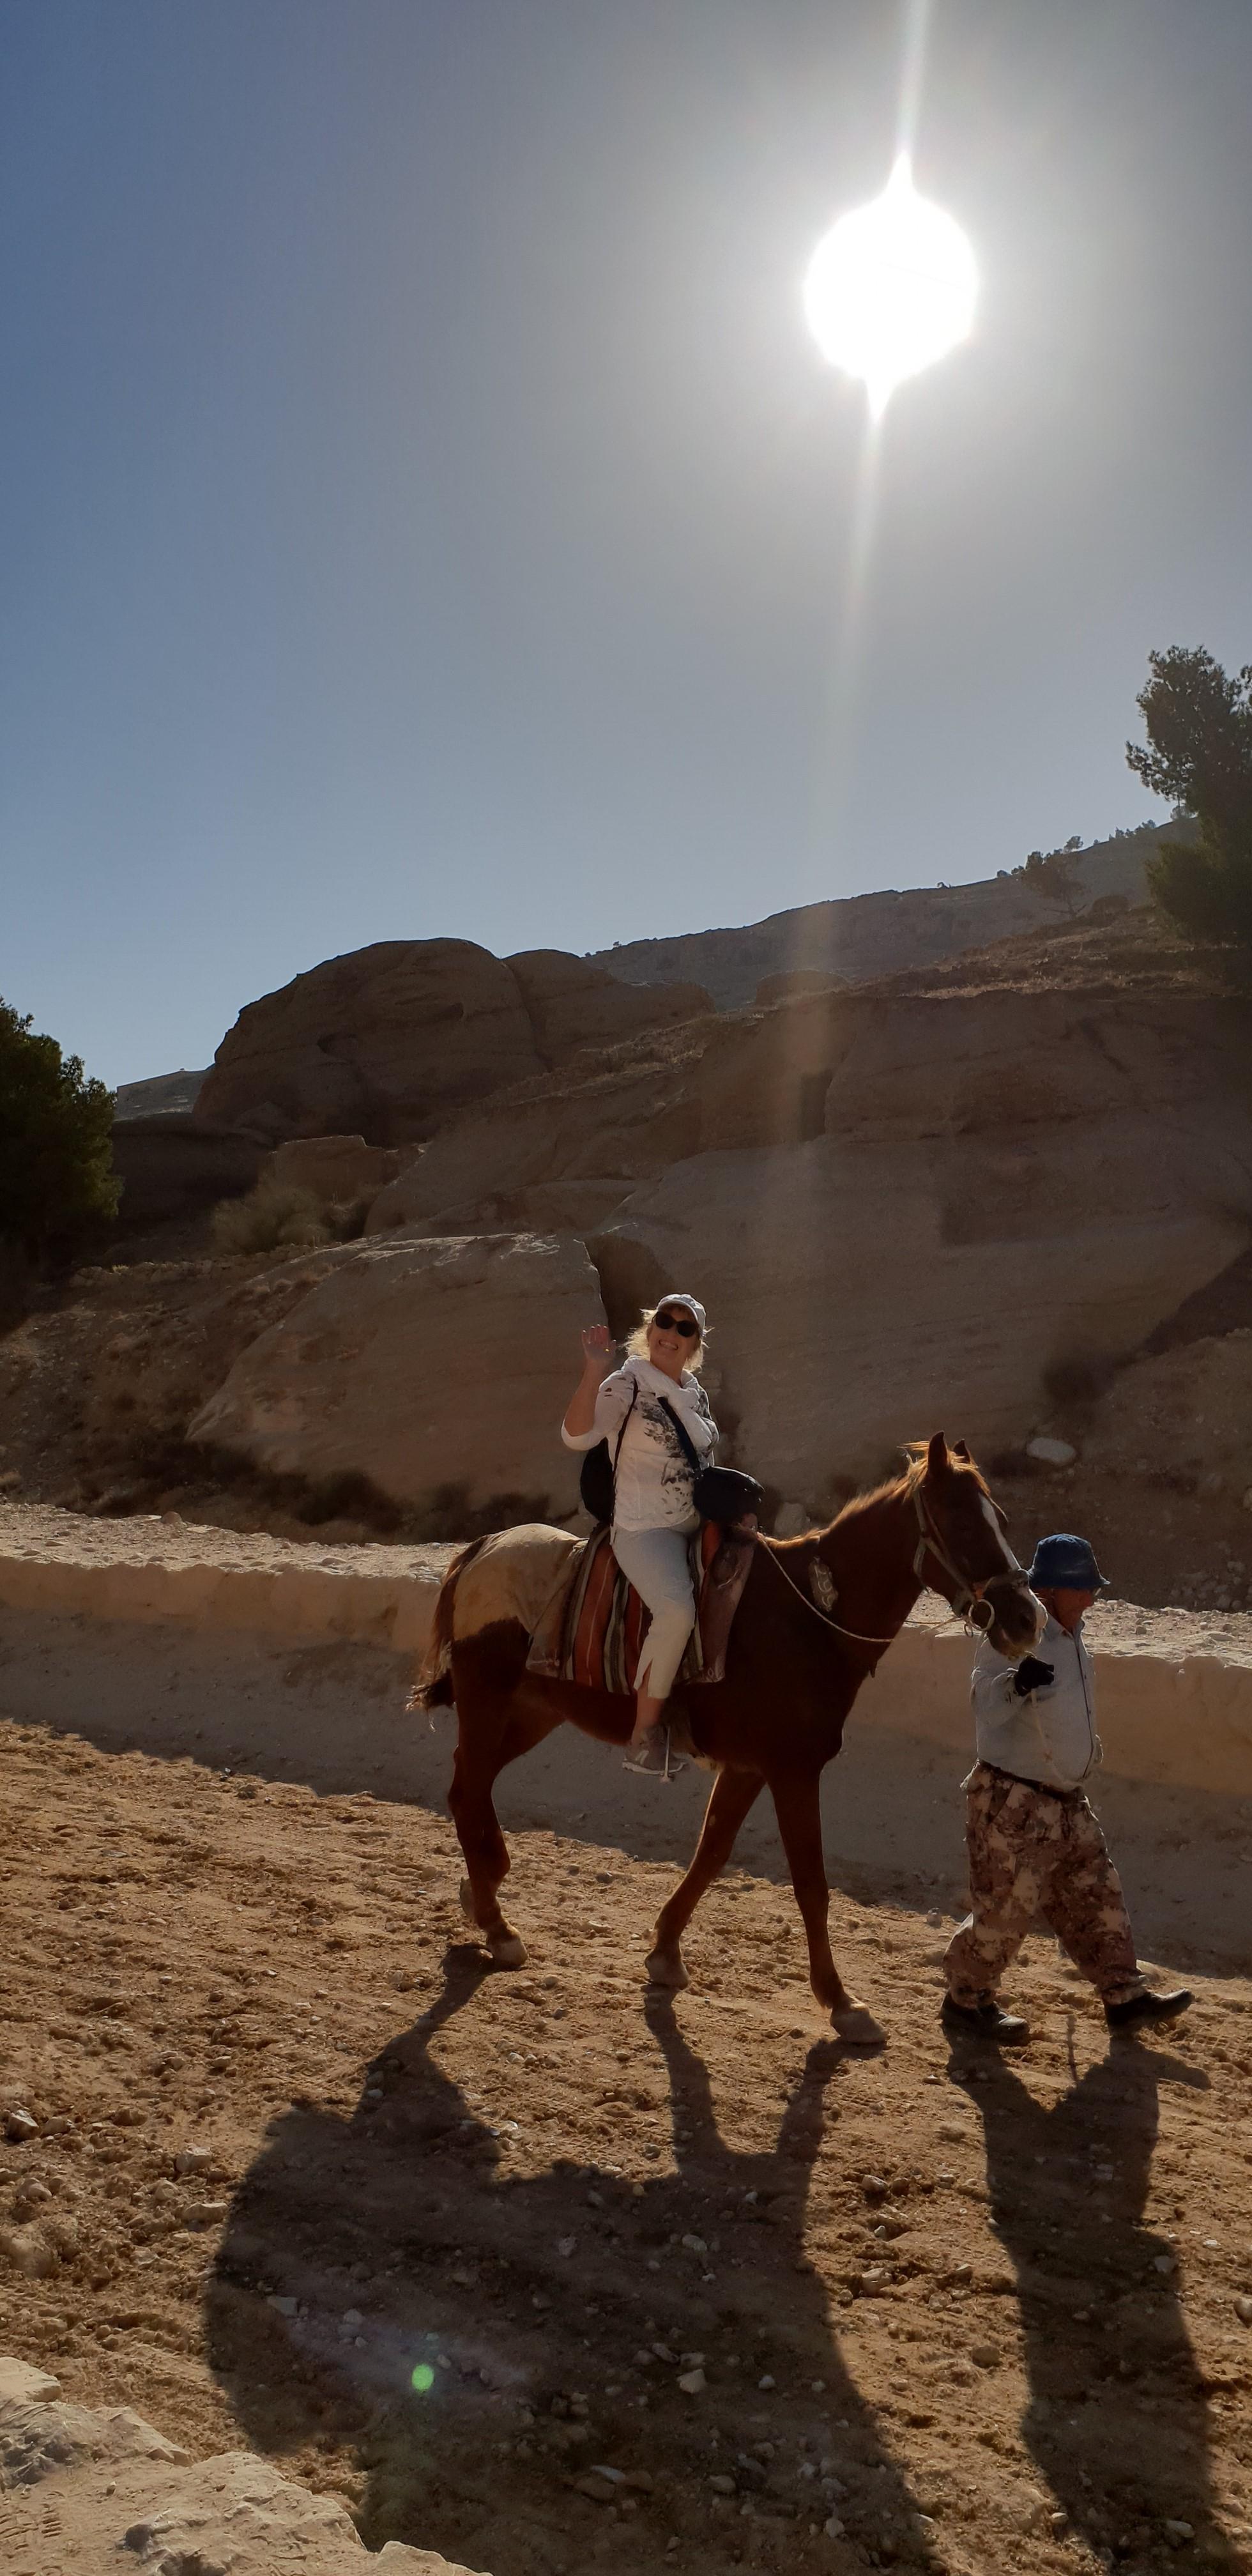 jordanie _15_.jpg